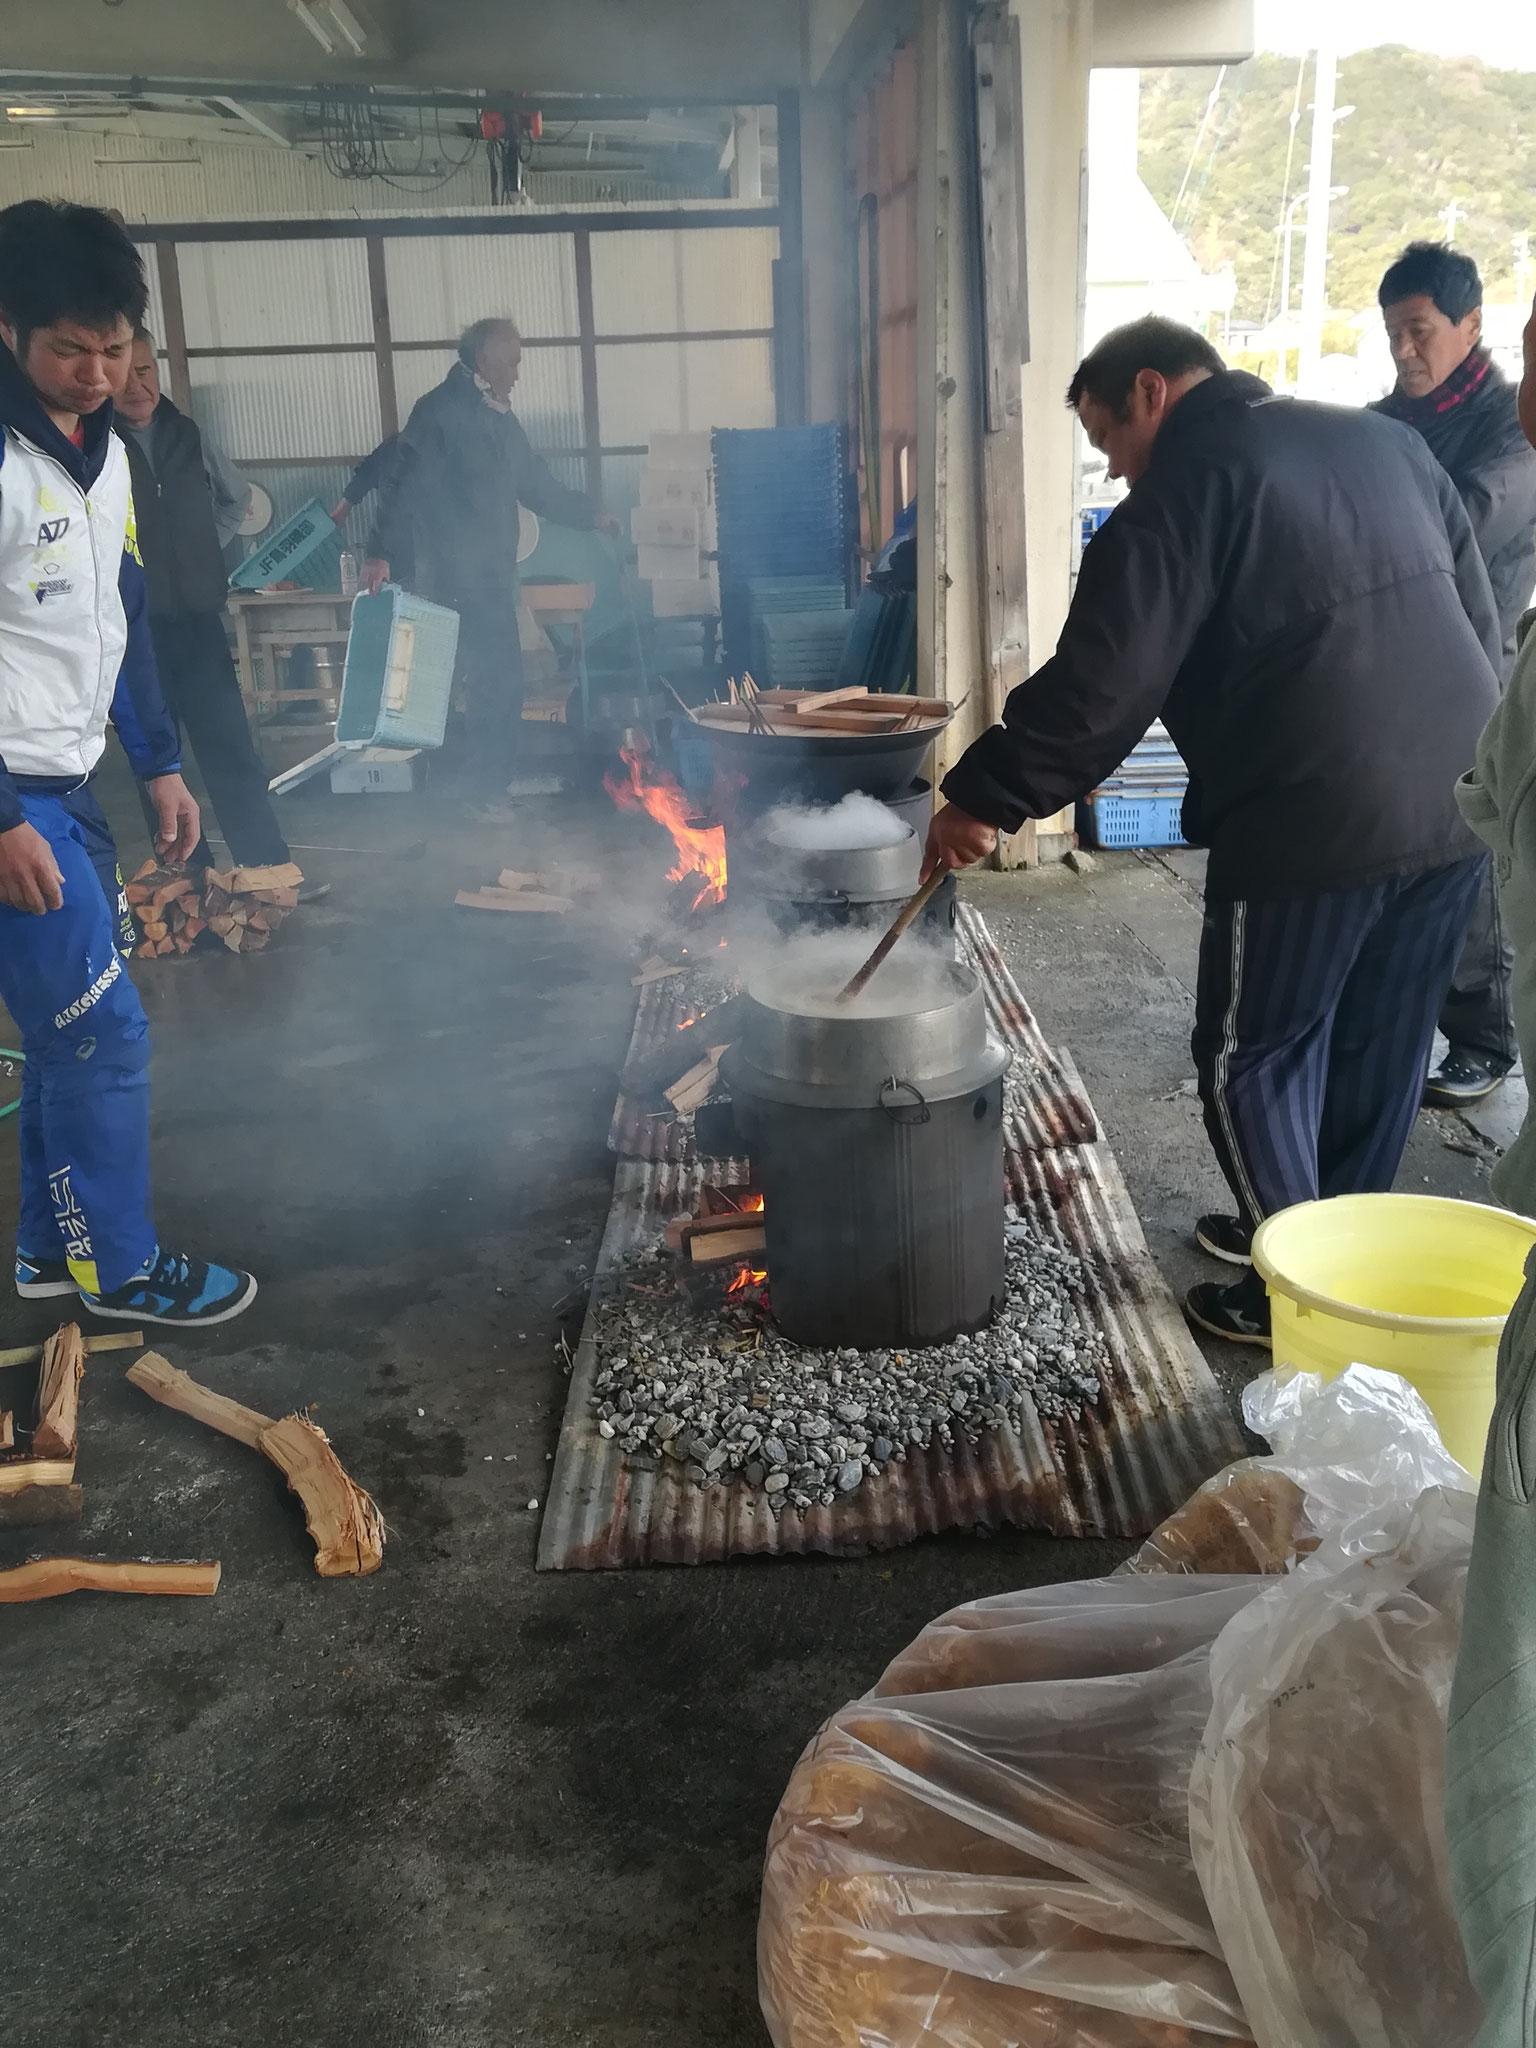 膳を作ったり、ふのり(糊になる海藻)を炊いたり。